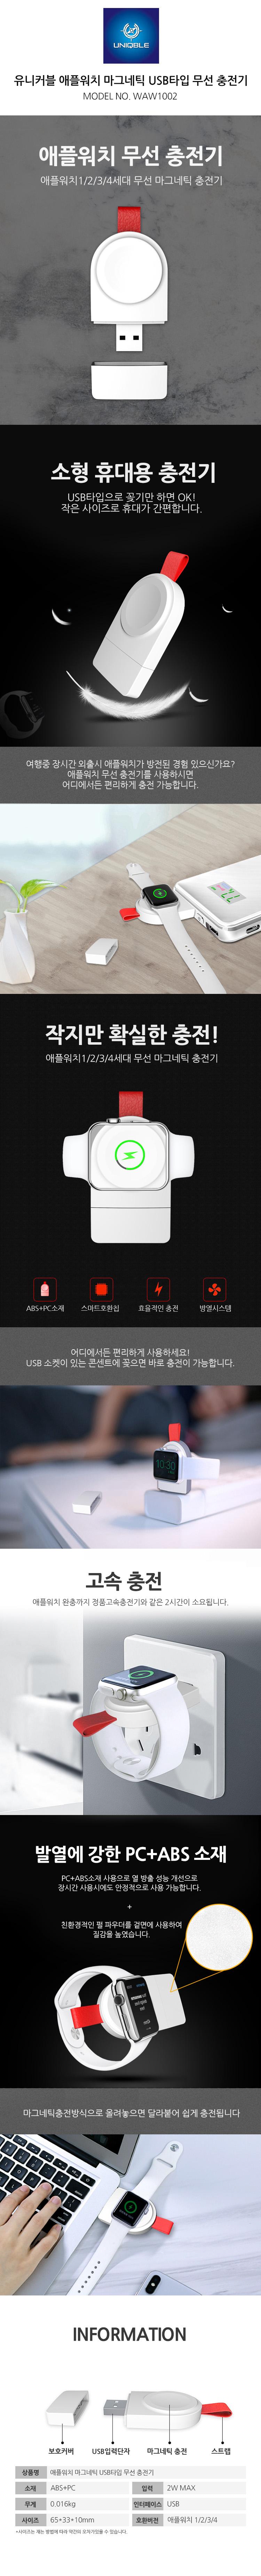 애플워치 마그네틱 USB 고속 무선충전기 충전독 - 유니커블, 18,500원, 스마트워치/밴드, 스마트워치 주변기기